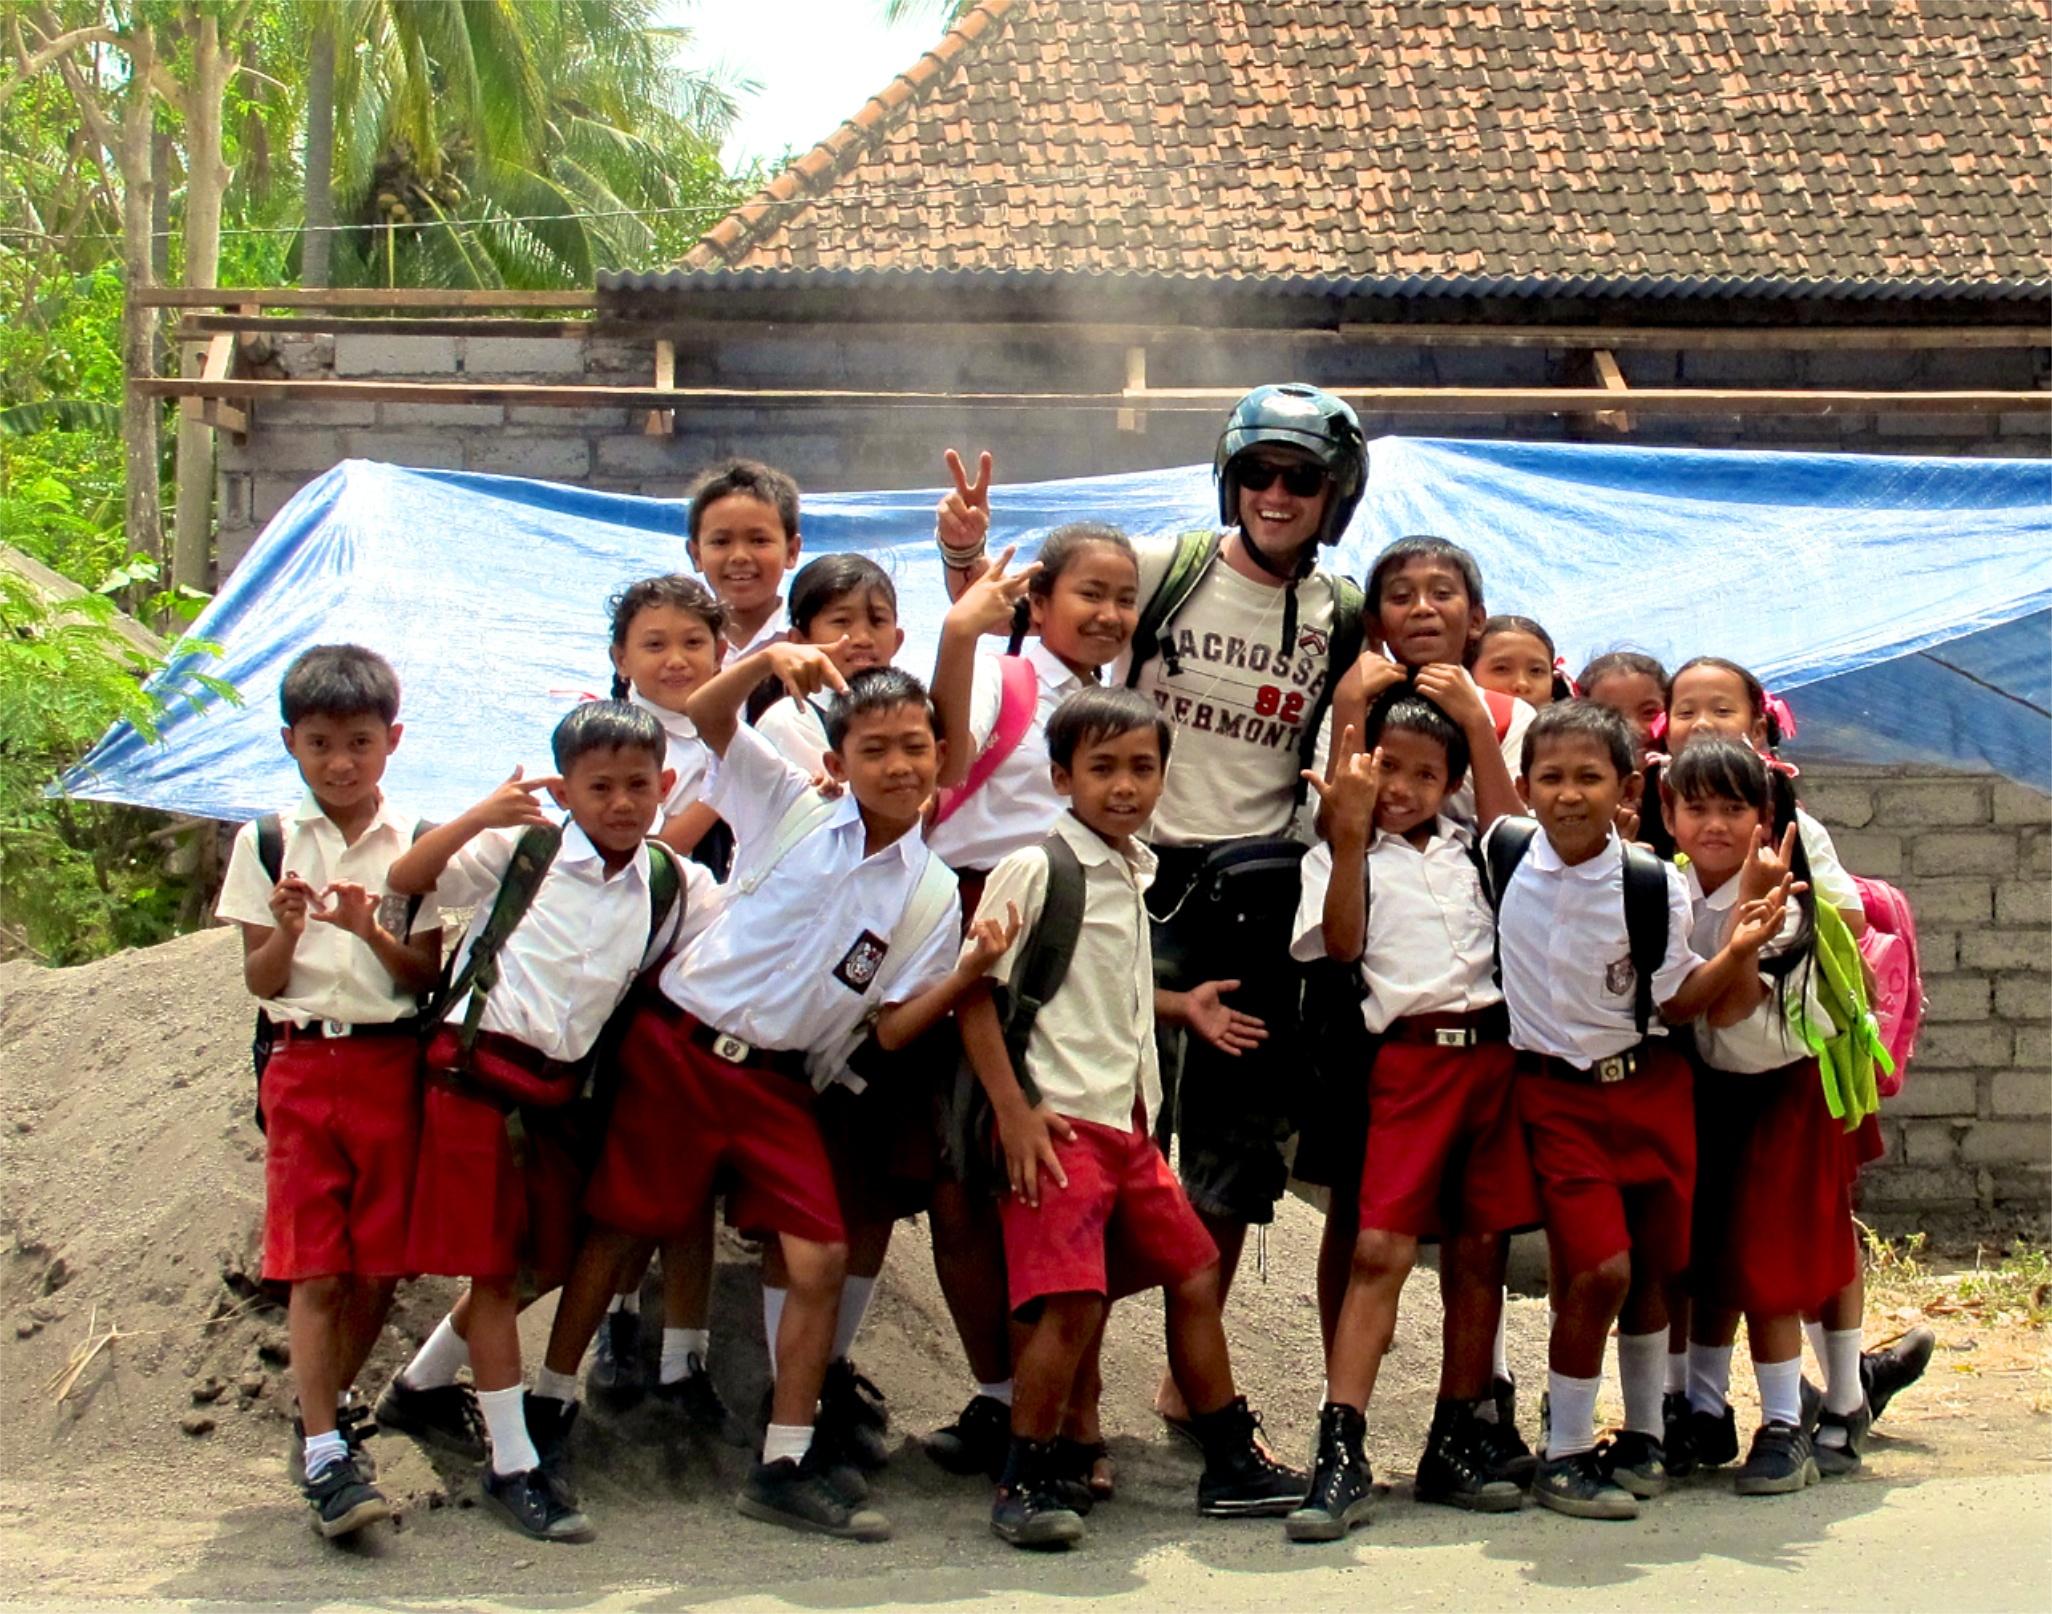 Freundliche Bali kids auf dem Schulweg - immer zu einem Foto mit einem Touri bereit.